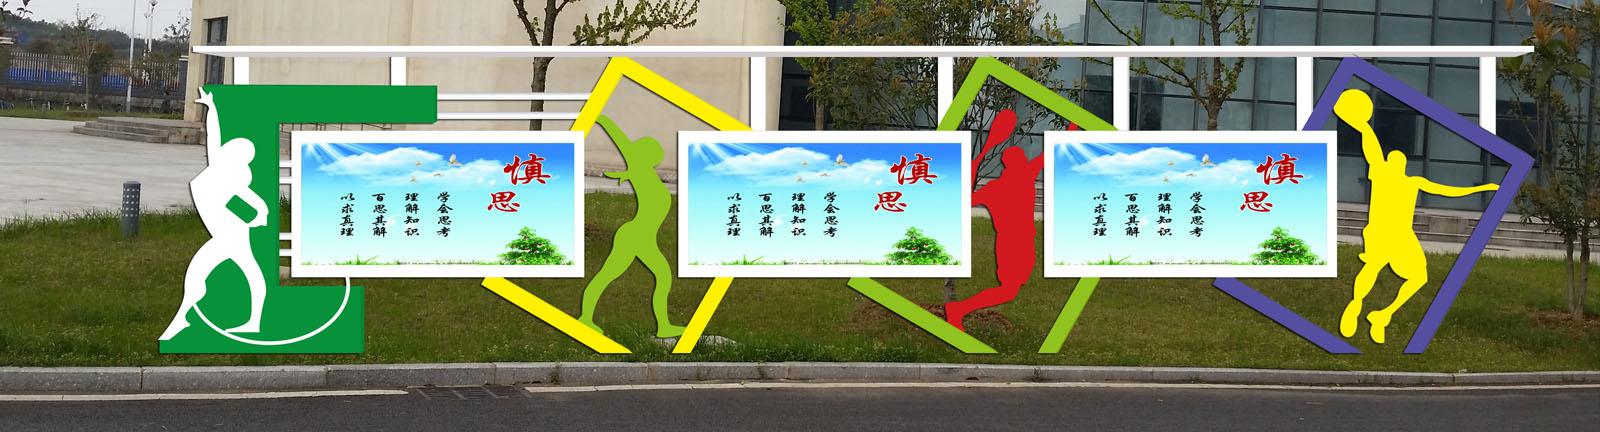 镇江公交候车亭